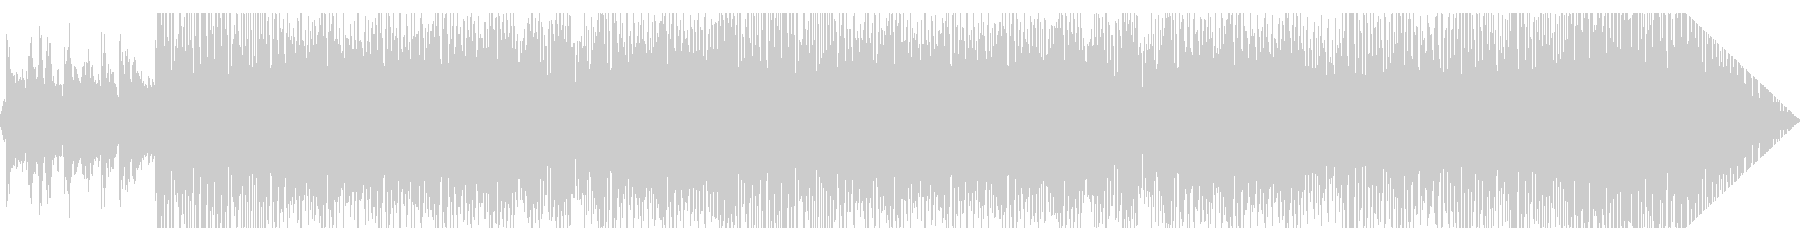 南米風ポップインストの未再生の波形